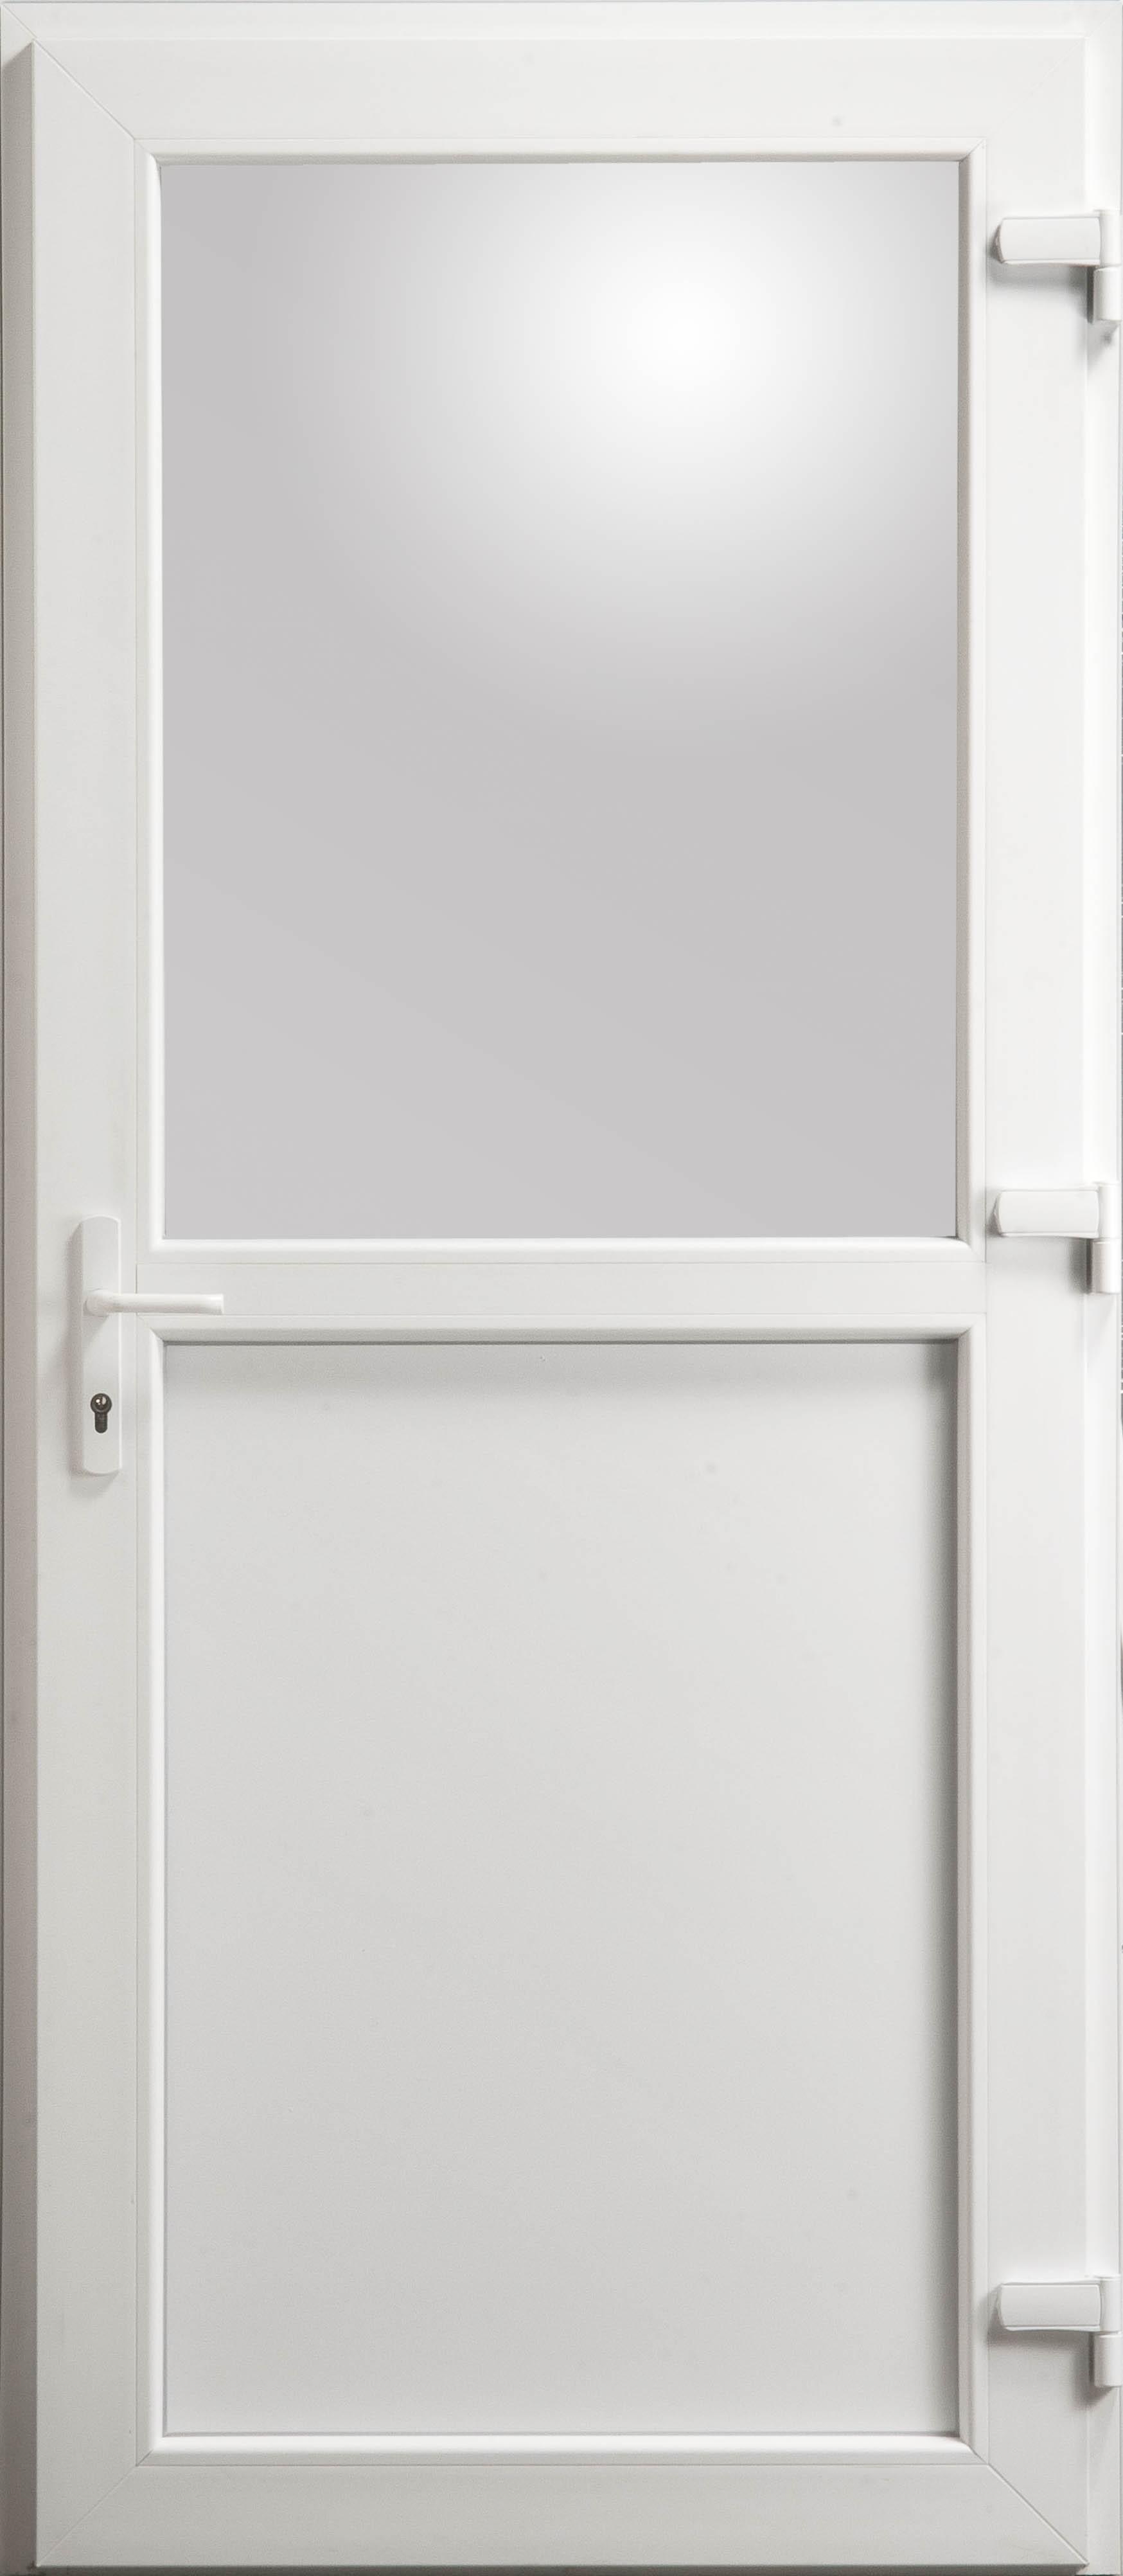 porte de service en pvc blanc 215 x 090 cm avec 1 2 vitre. Black Bedroom Furniture Sets. Home Design Ideas